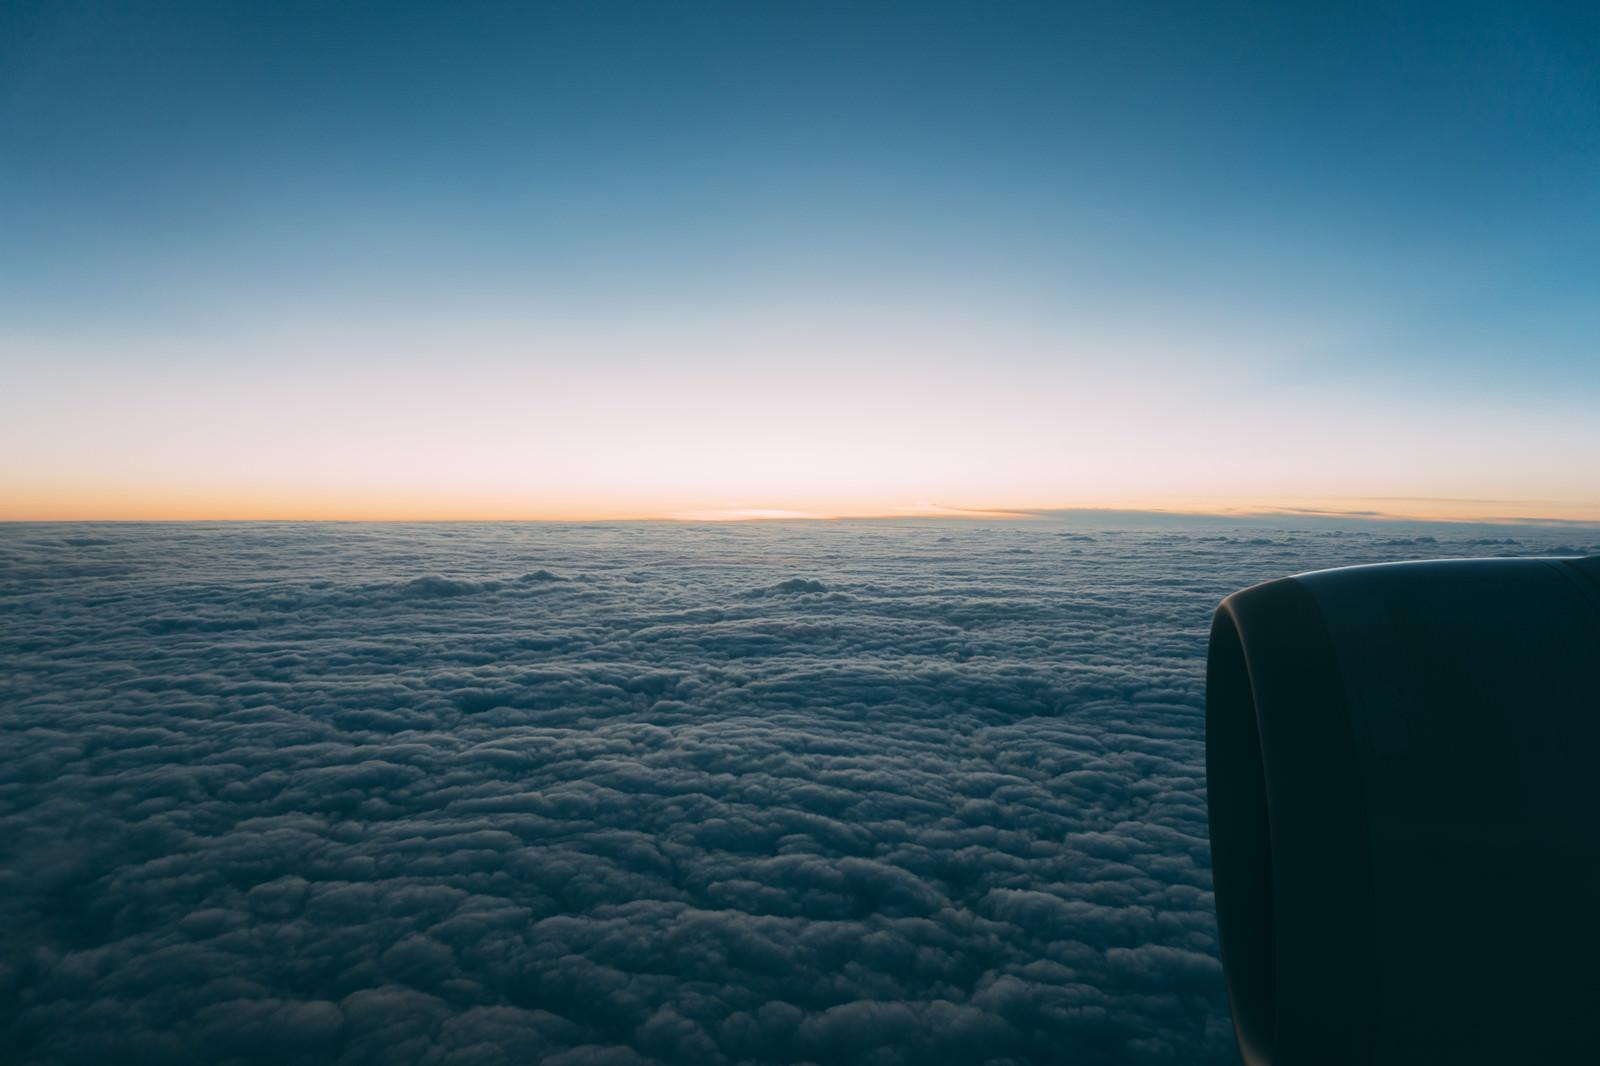 「雲海を抜けて上空からの様子」の写真